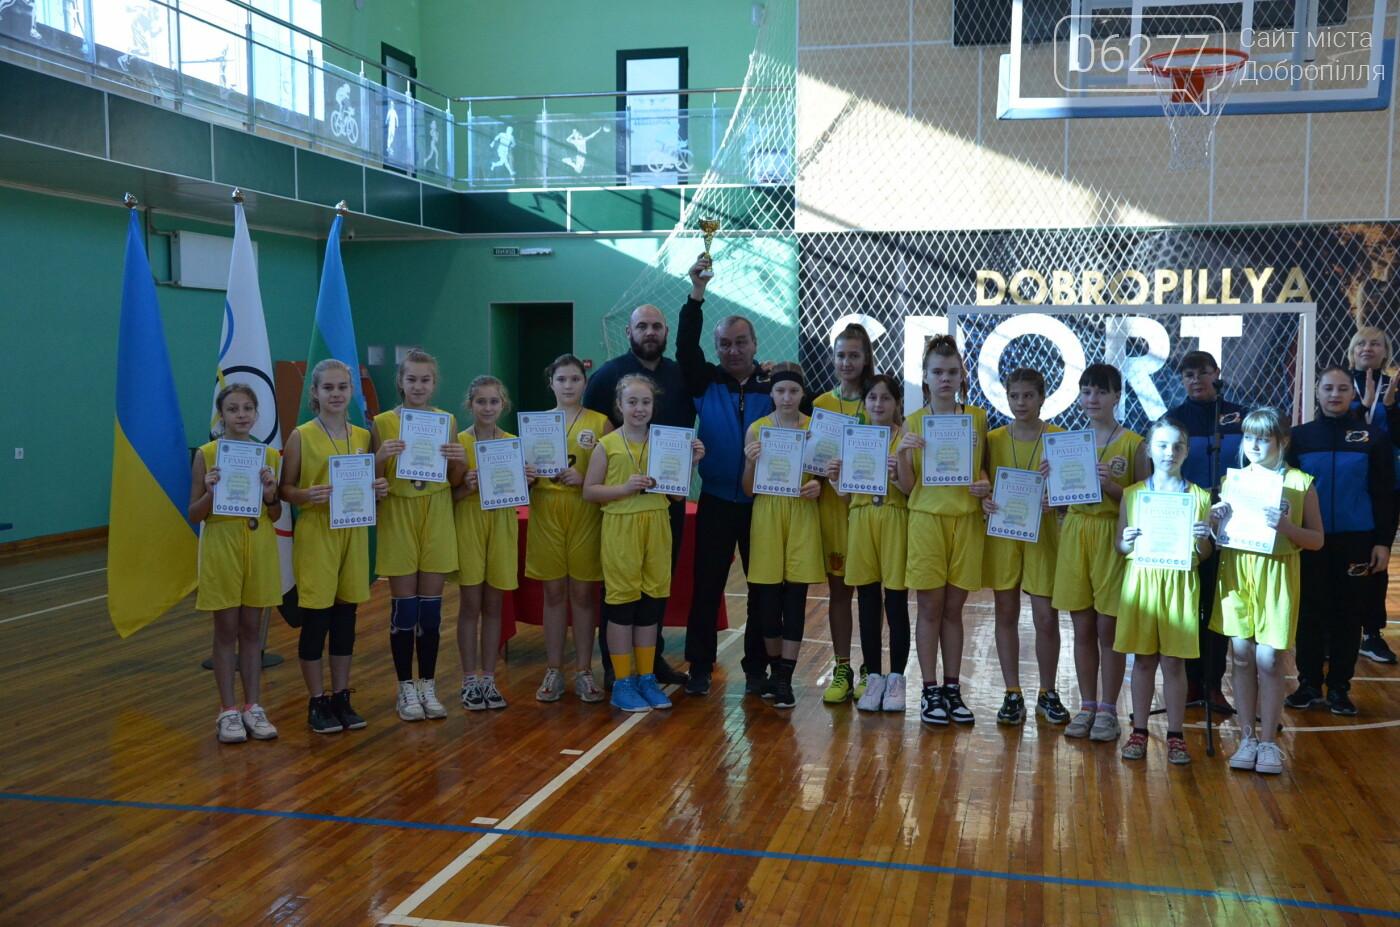 Відкрита Першість ДЮСШ з баскетболу відбулась у Добропіллі, фото-5